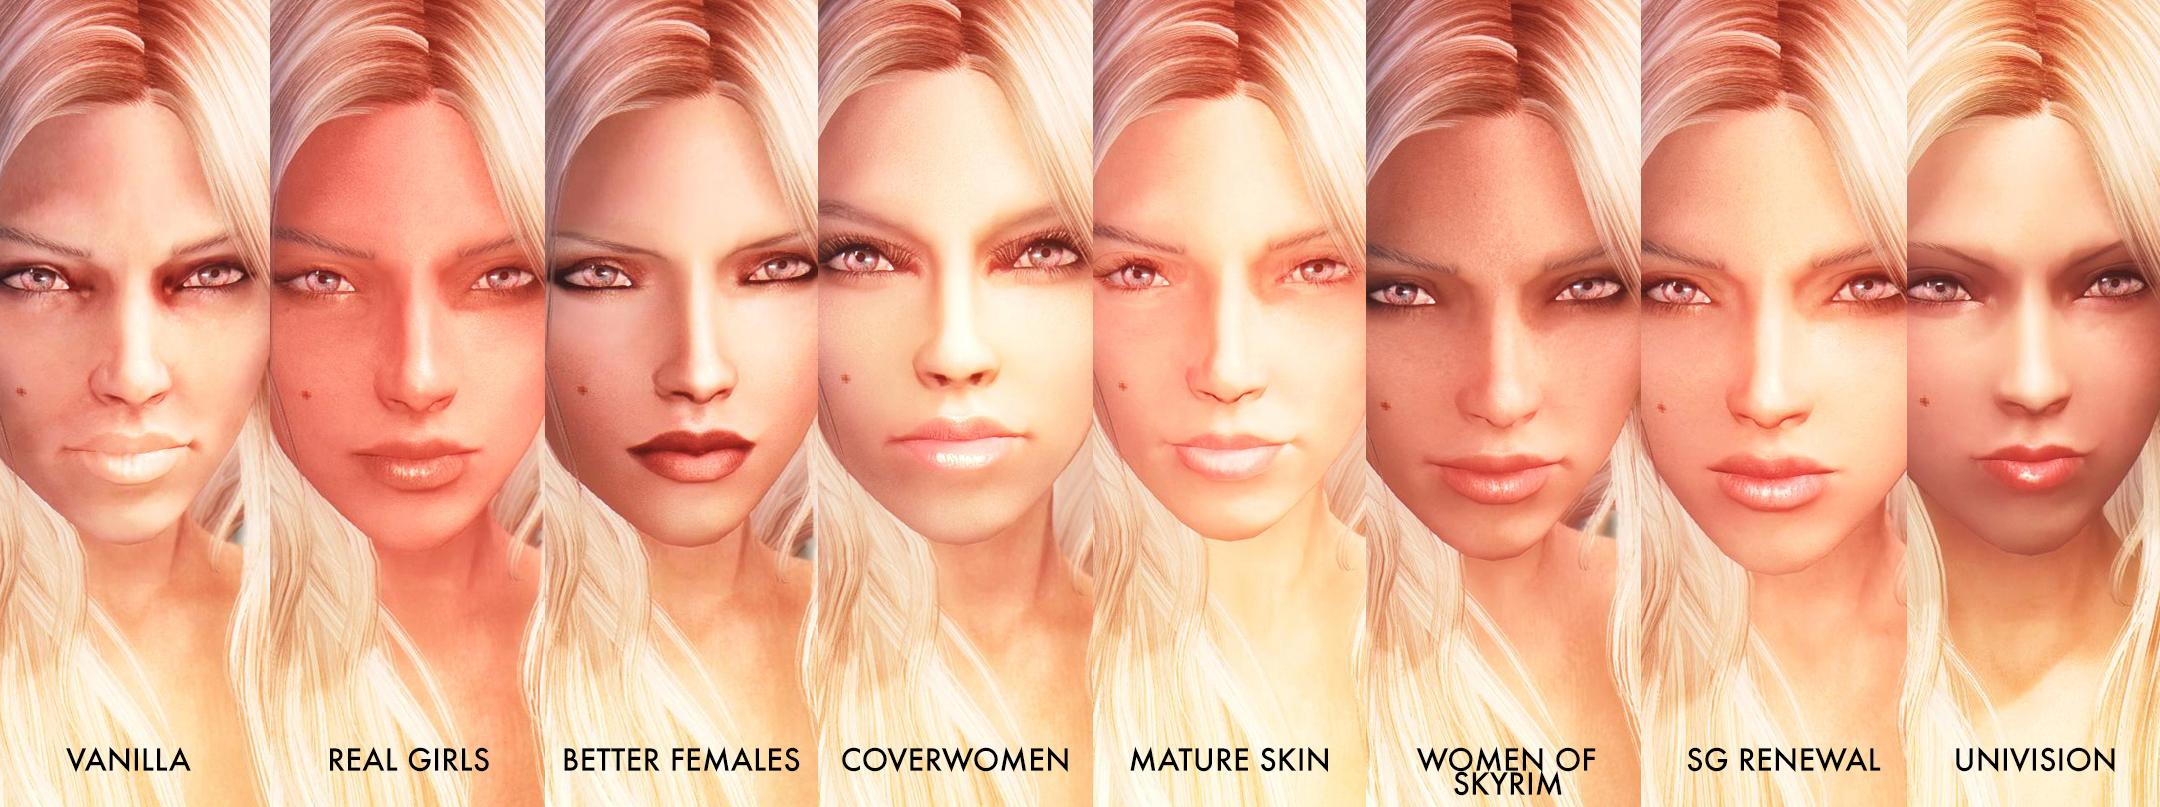 Skyrim Most Realistic Female Face Texture Mods Compares Skyrim